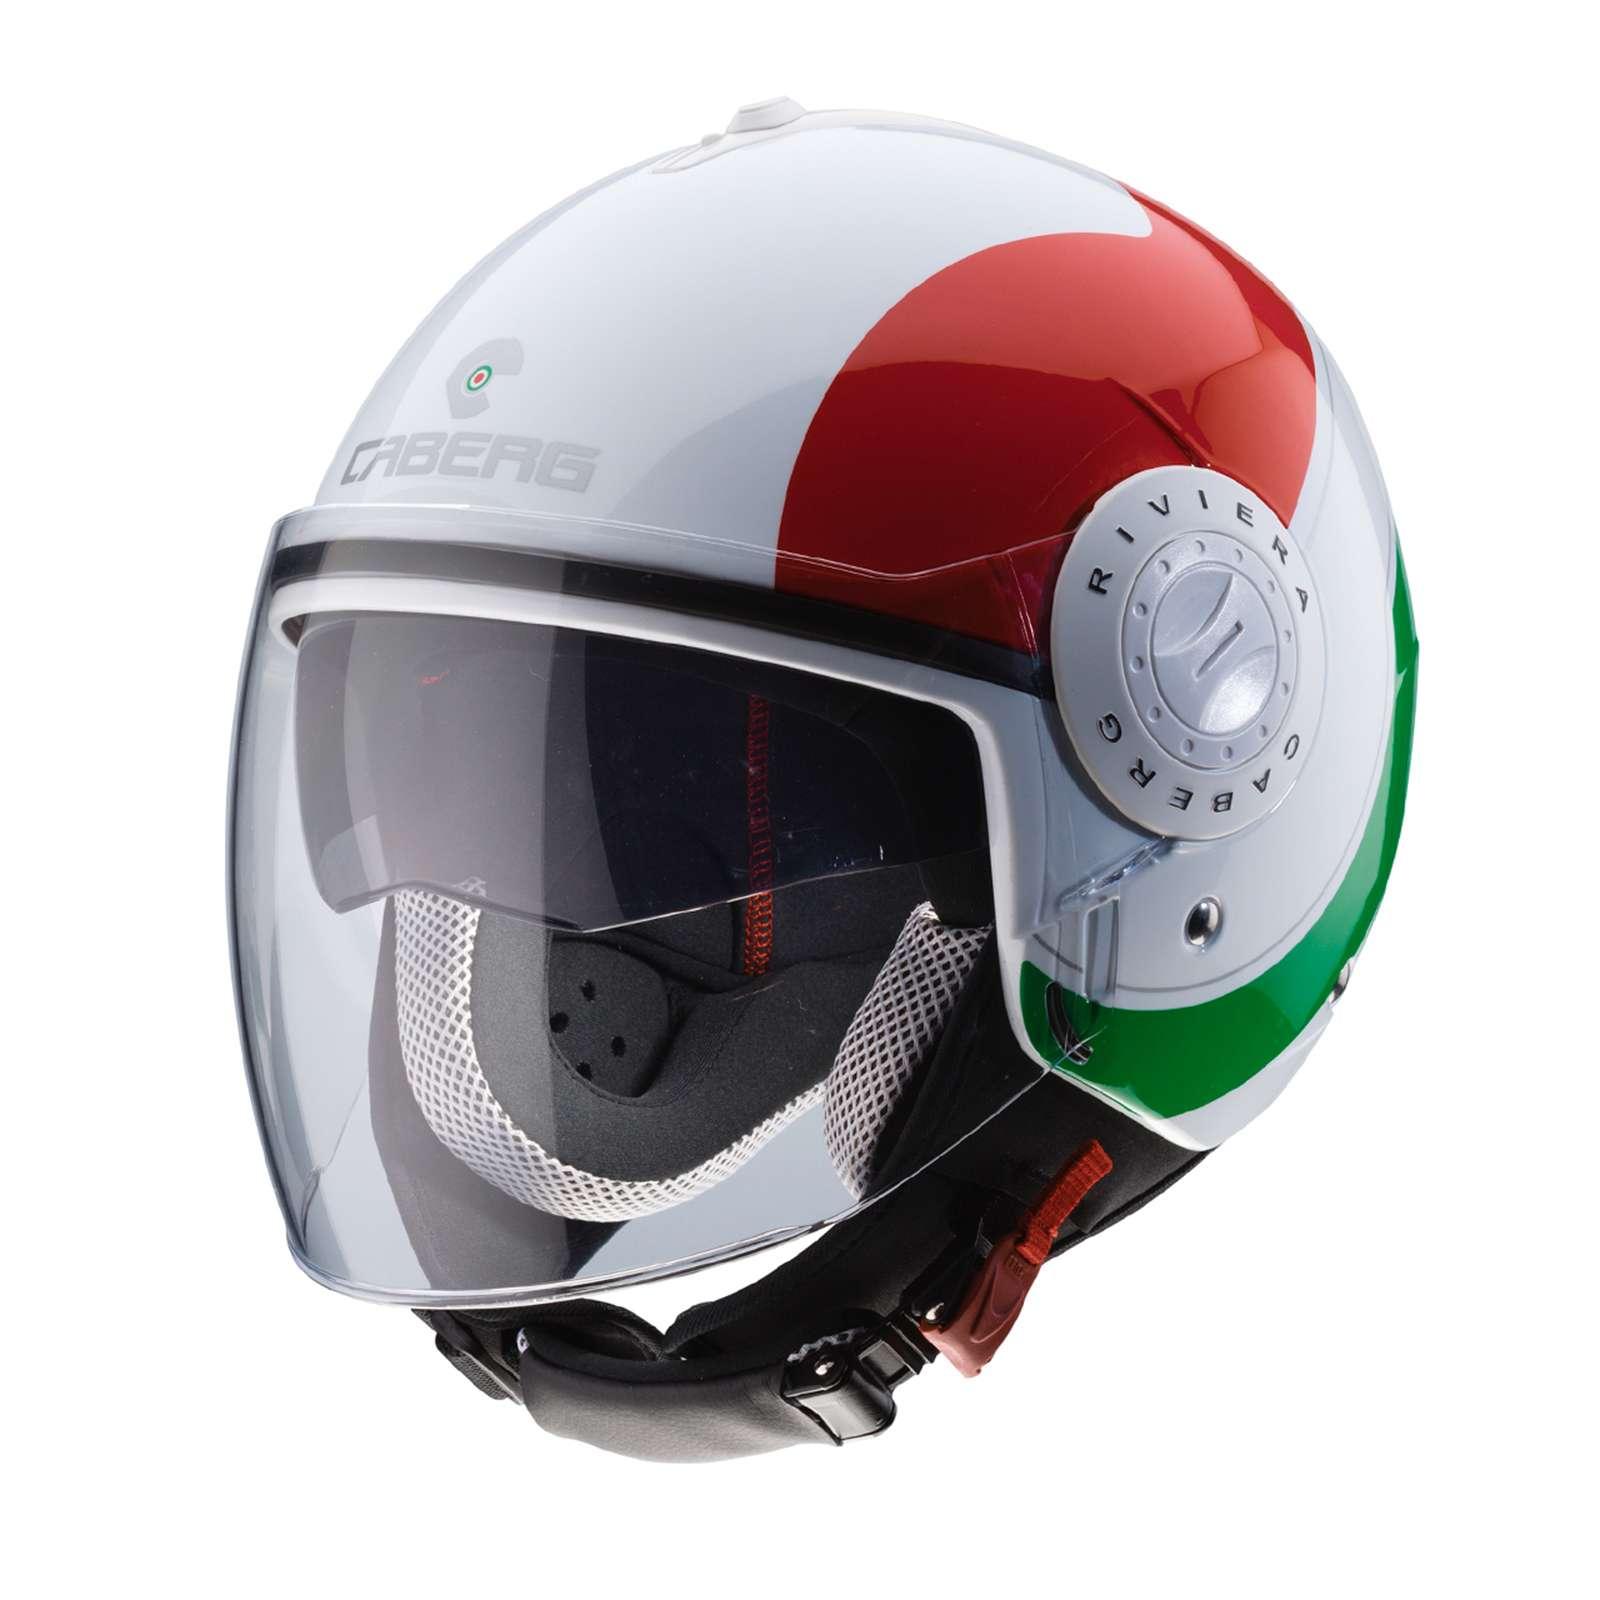 Caberg Ghost Casco De Moto Recambio//Repuesto Pinlock Ready Visor Plata